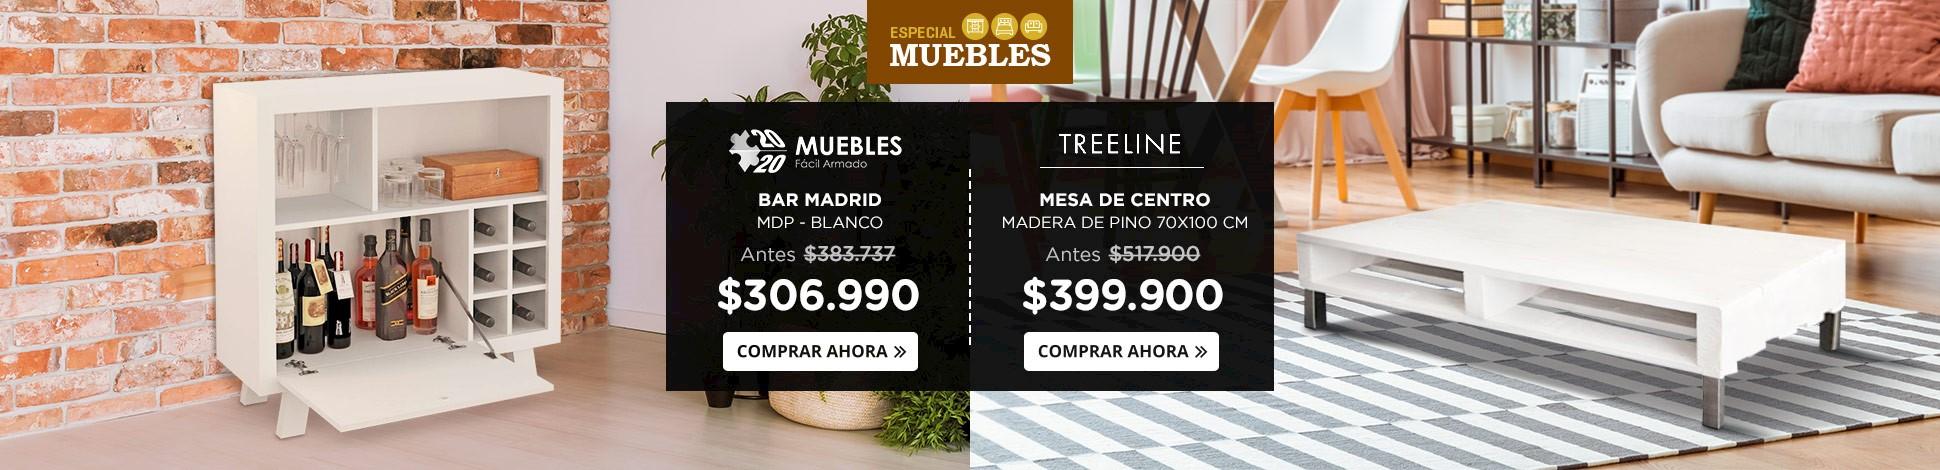 hs-muebles-2020-treeline (1).jpg